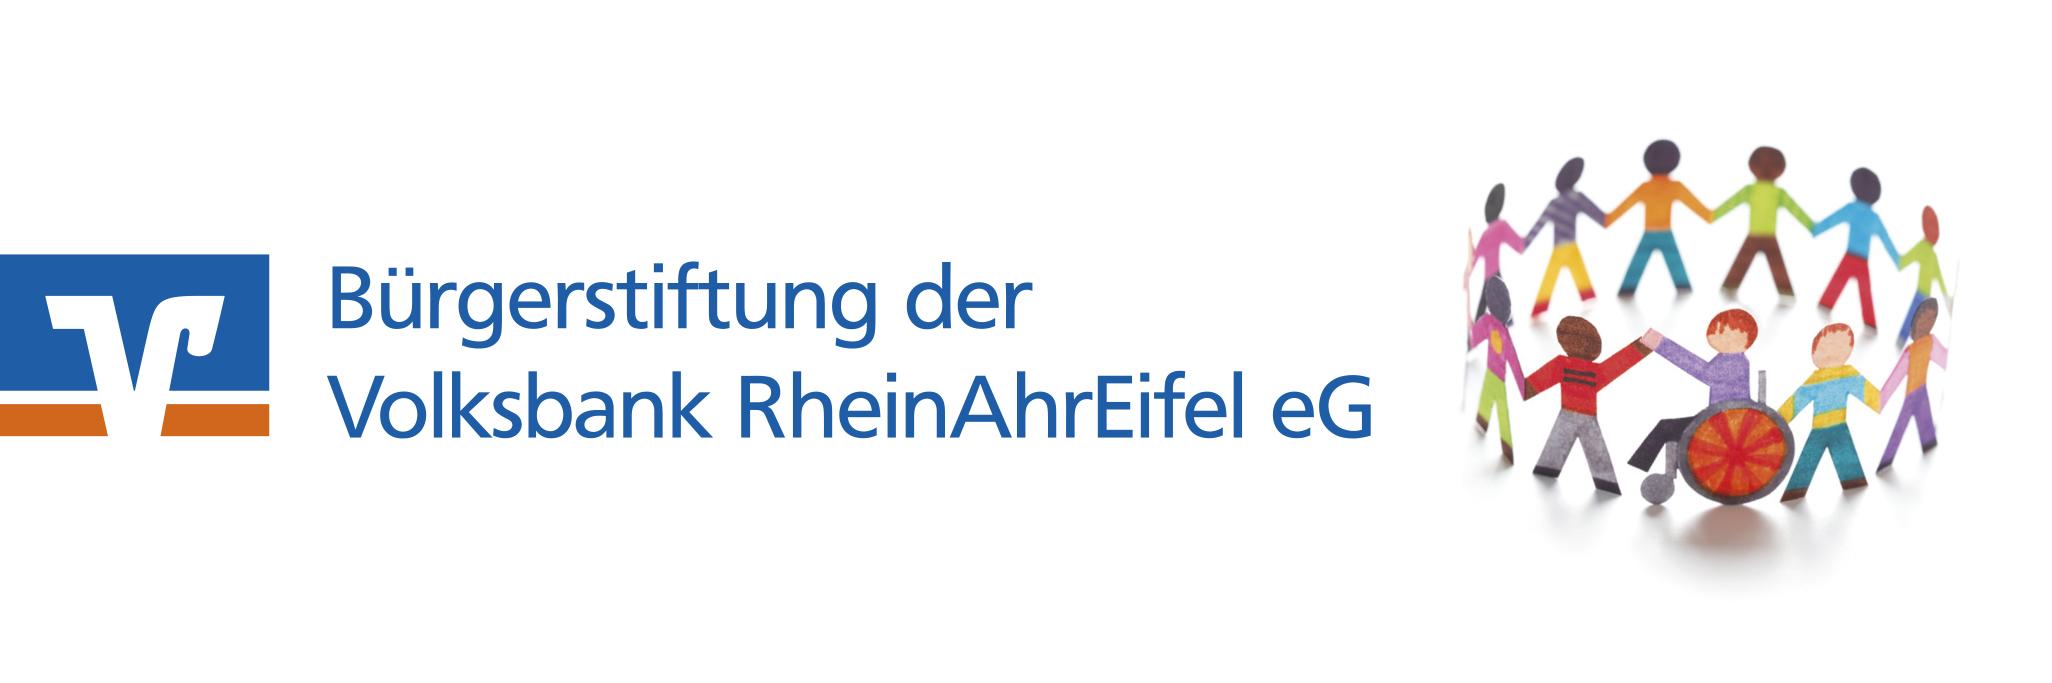 Logo Stiftung mit Bild.indd